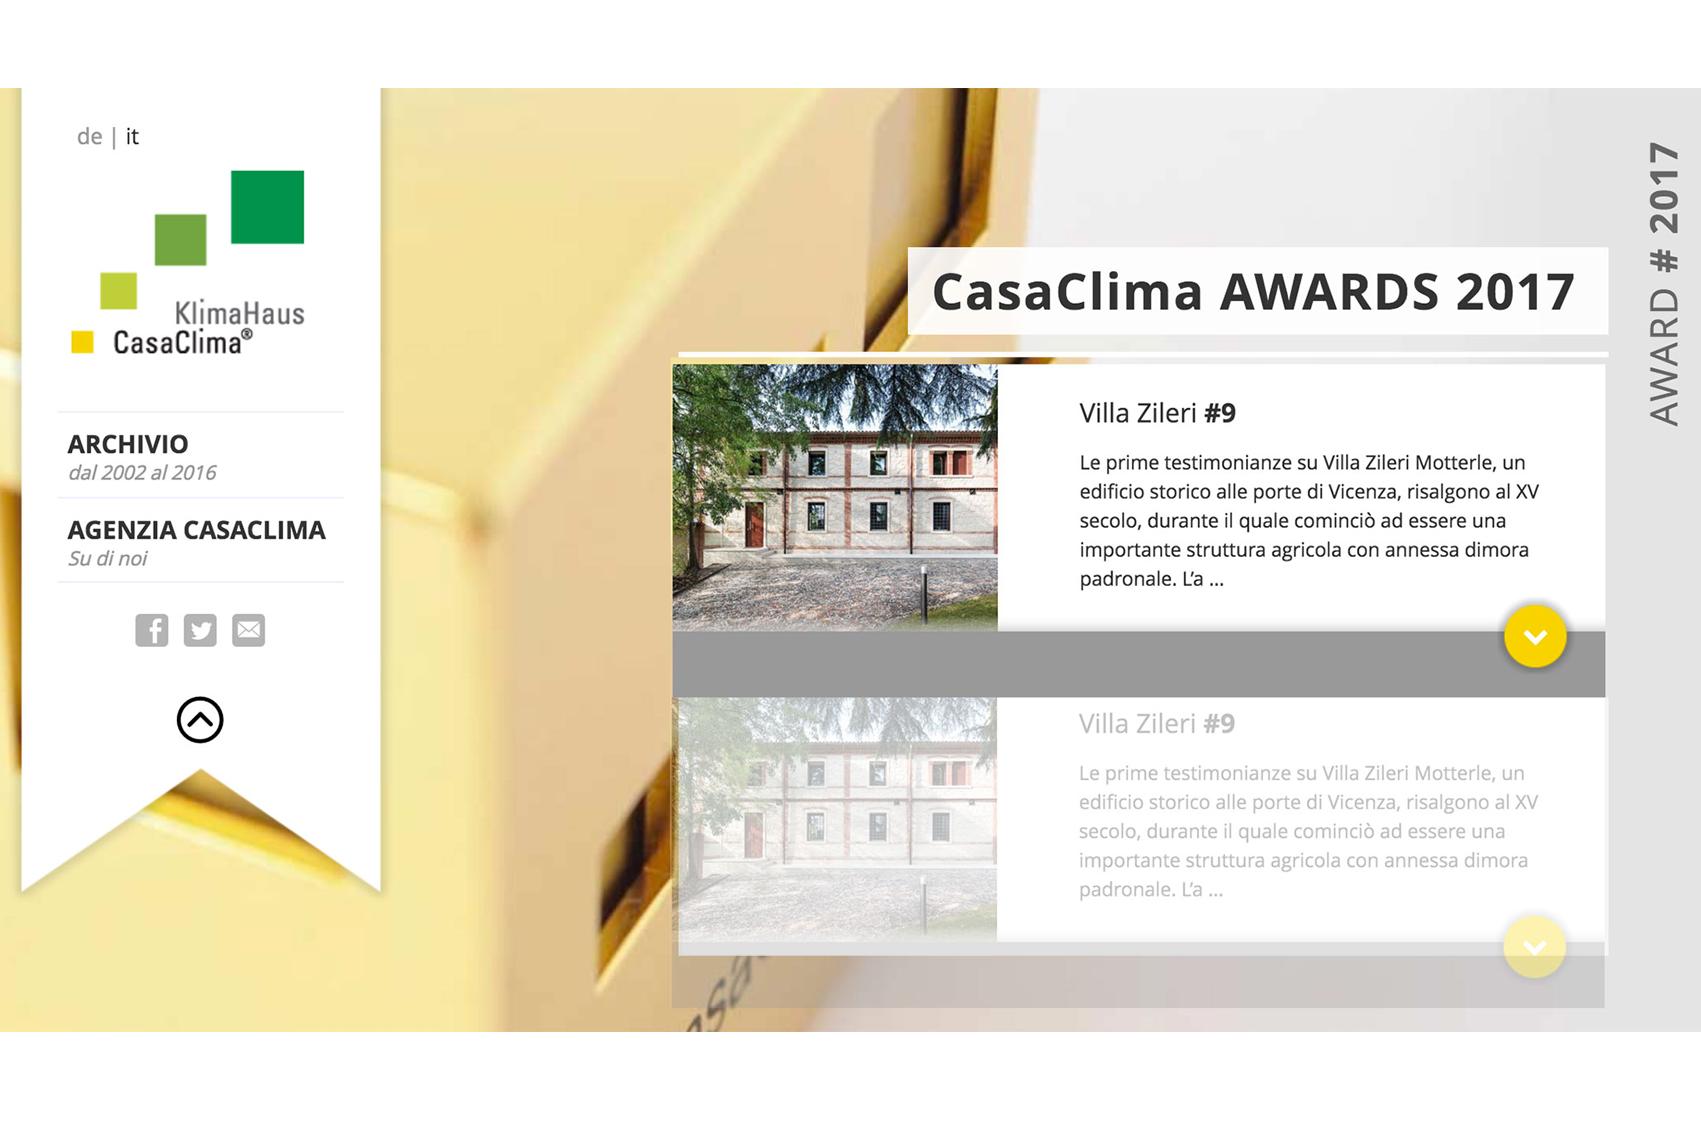 La loggia di villa zileri tra i finalisti di casaclima for Casaclima 2017